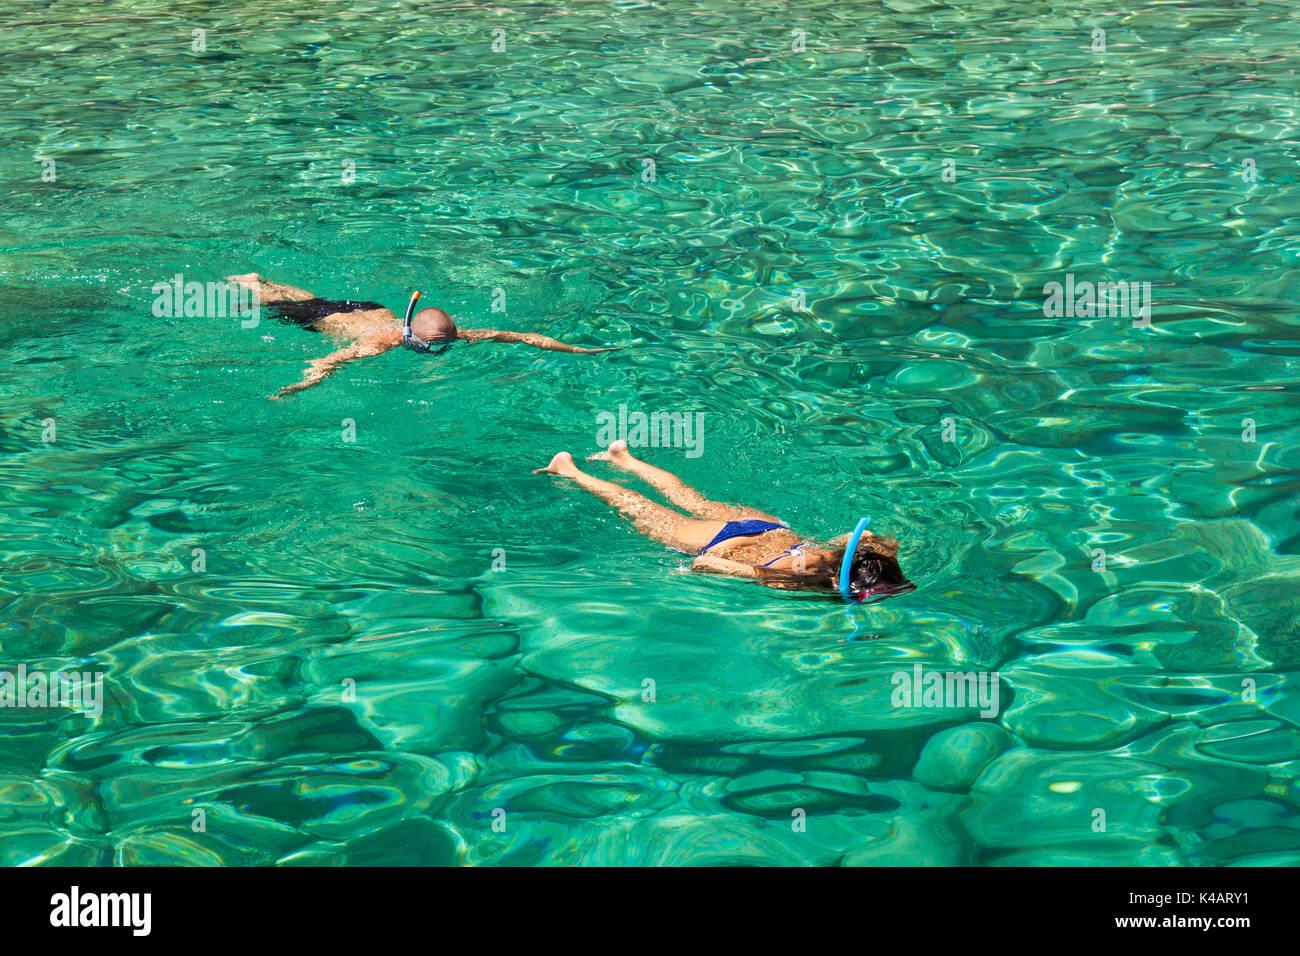 Persons snorkeling near keri blue caves bay  in Zakynthos (Zante) island, in Greece Stock Photo